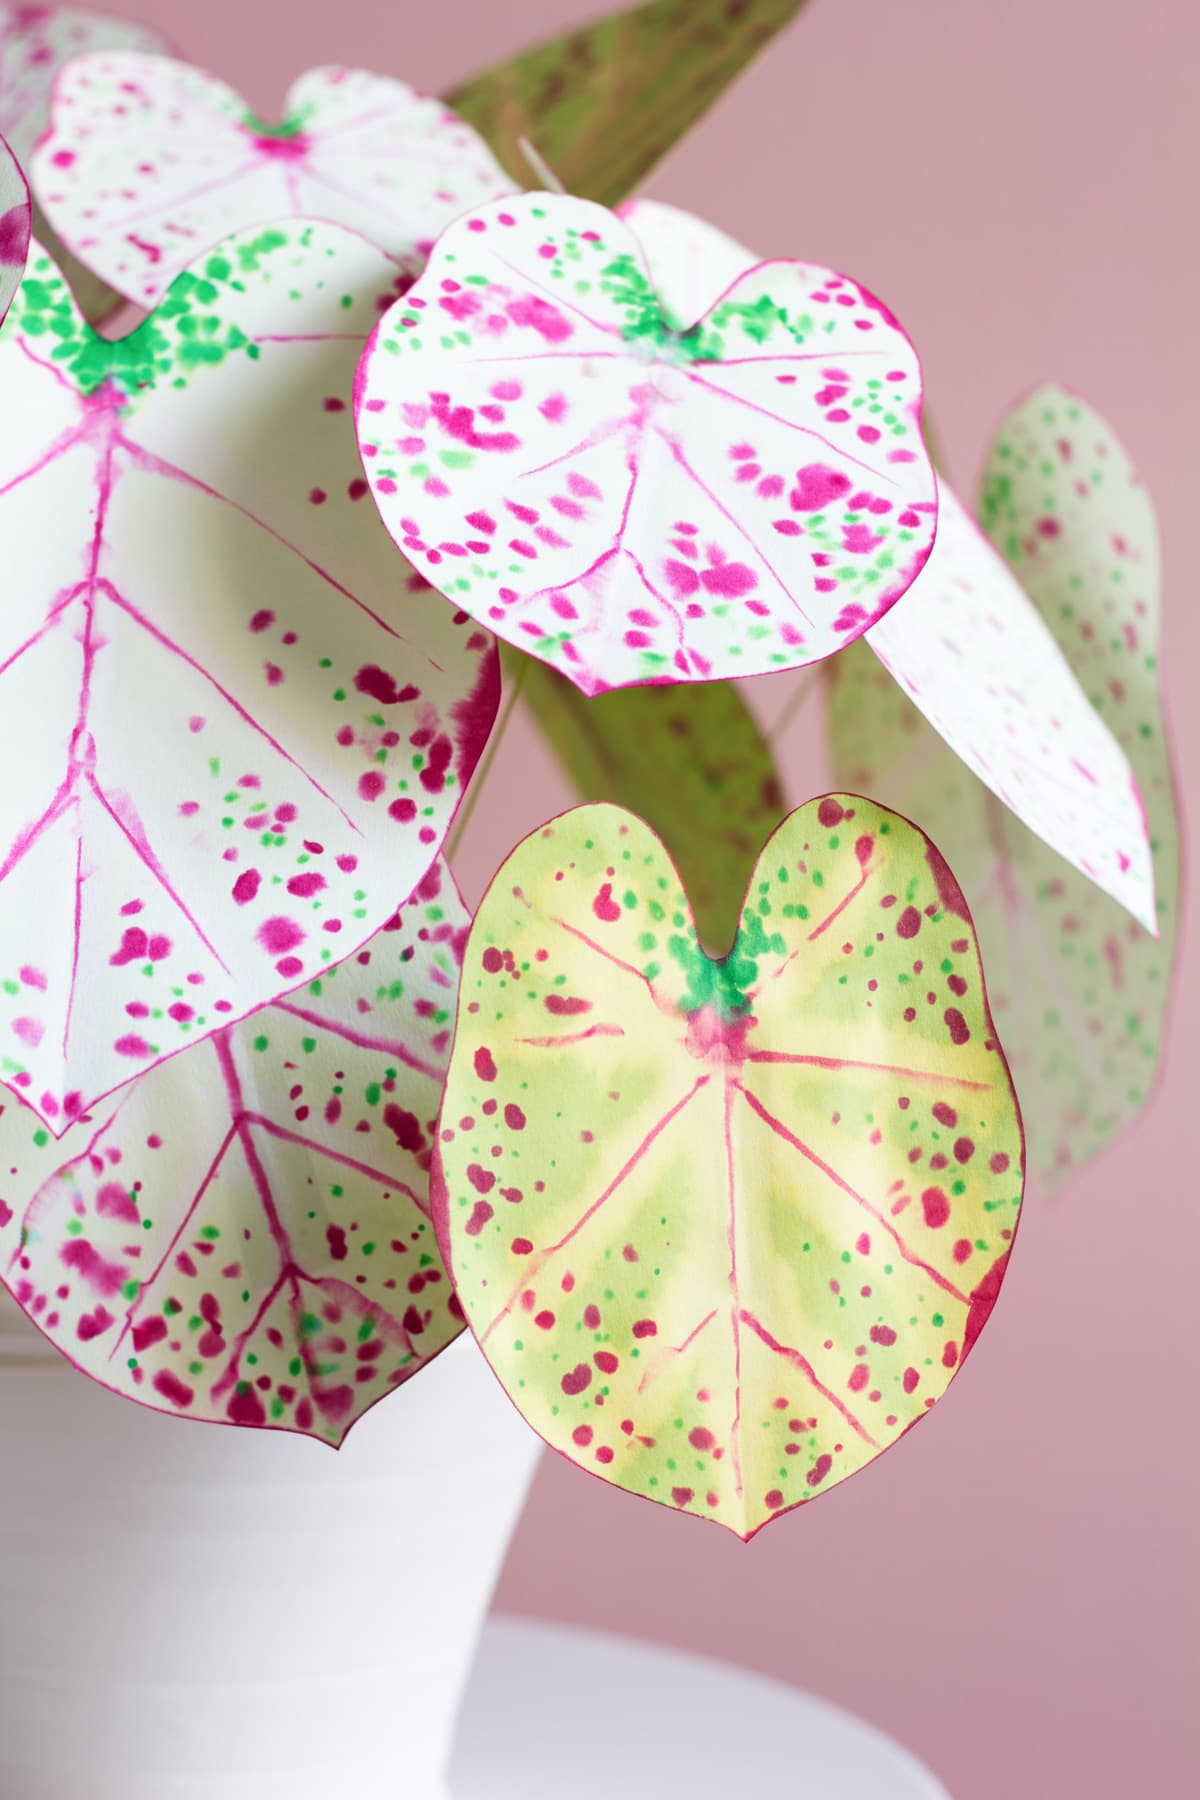 photo de la façon de faire une usine de papier bricolage par la meilleure blogueuse de mode de vie de Houston Ashley Rose de Sugar & Cloth